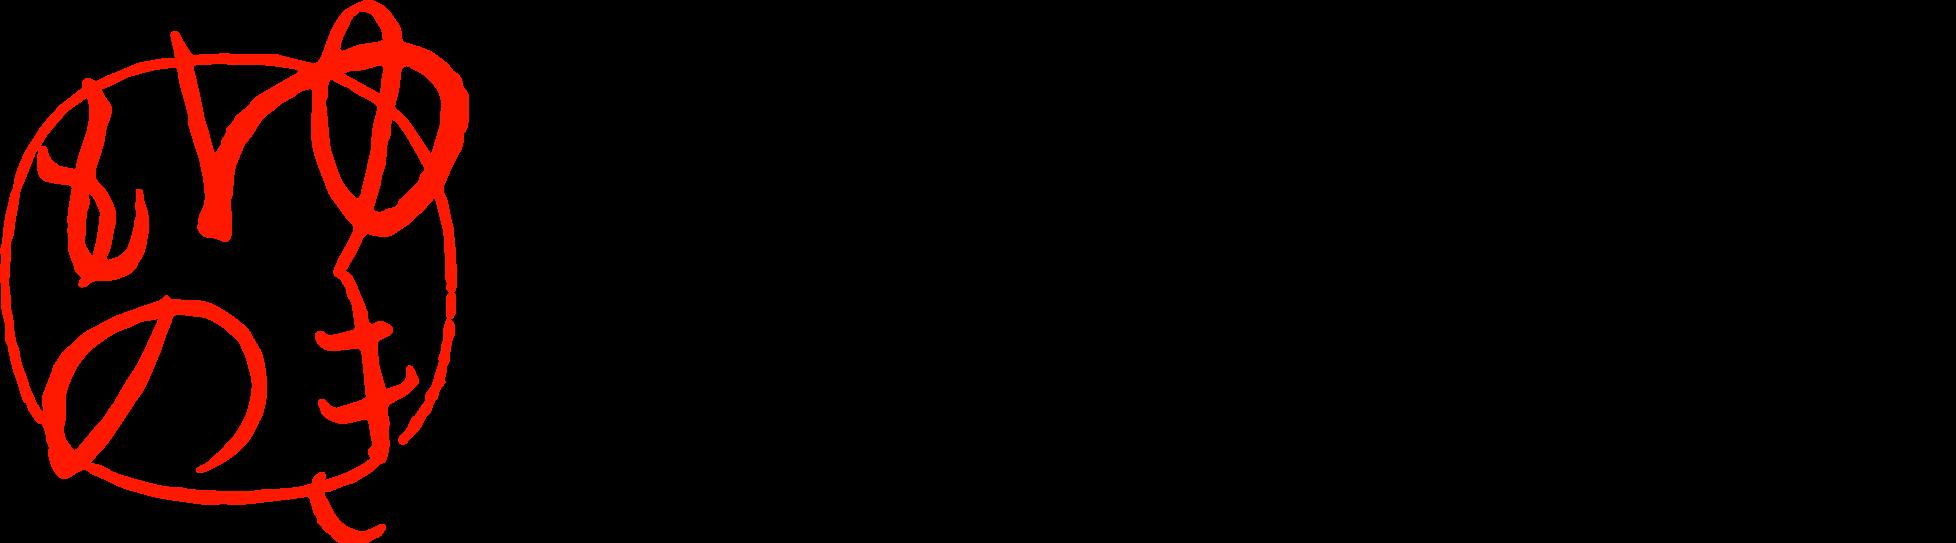 yukimono